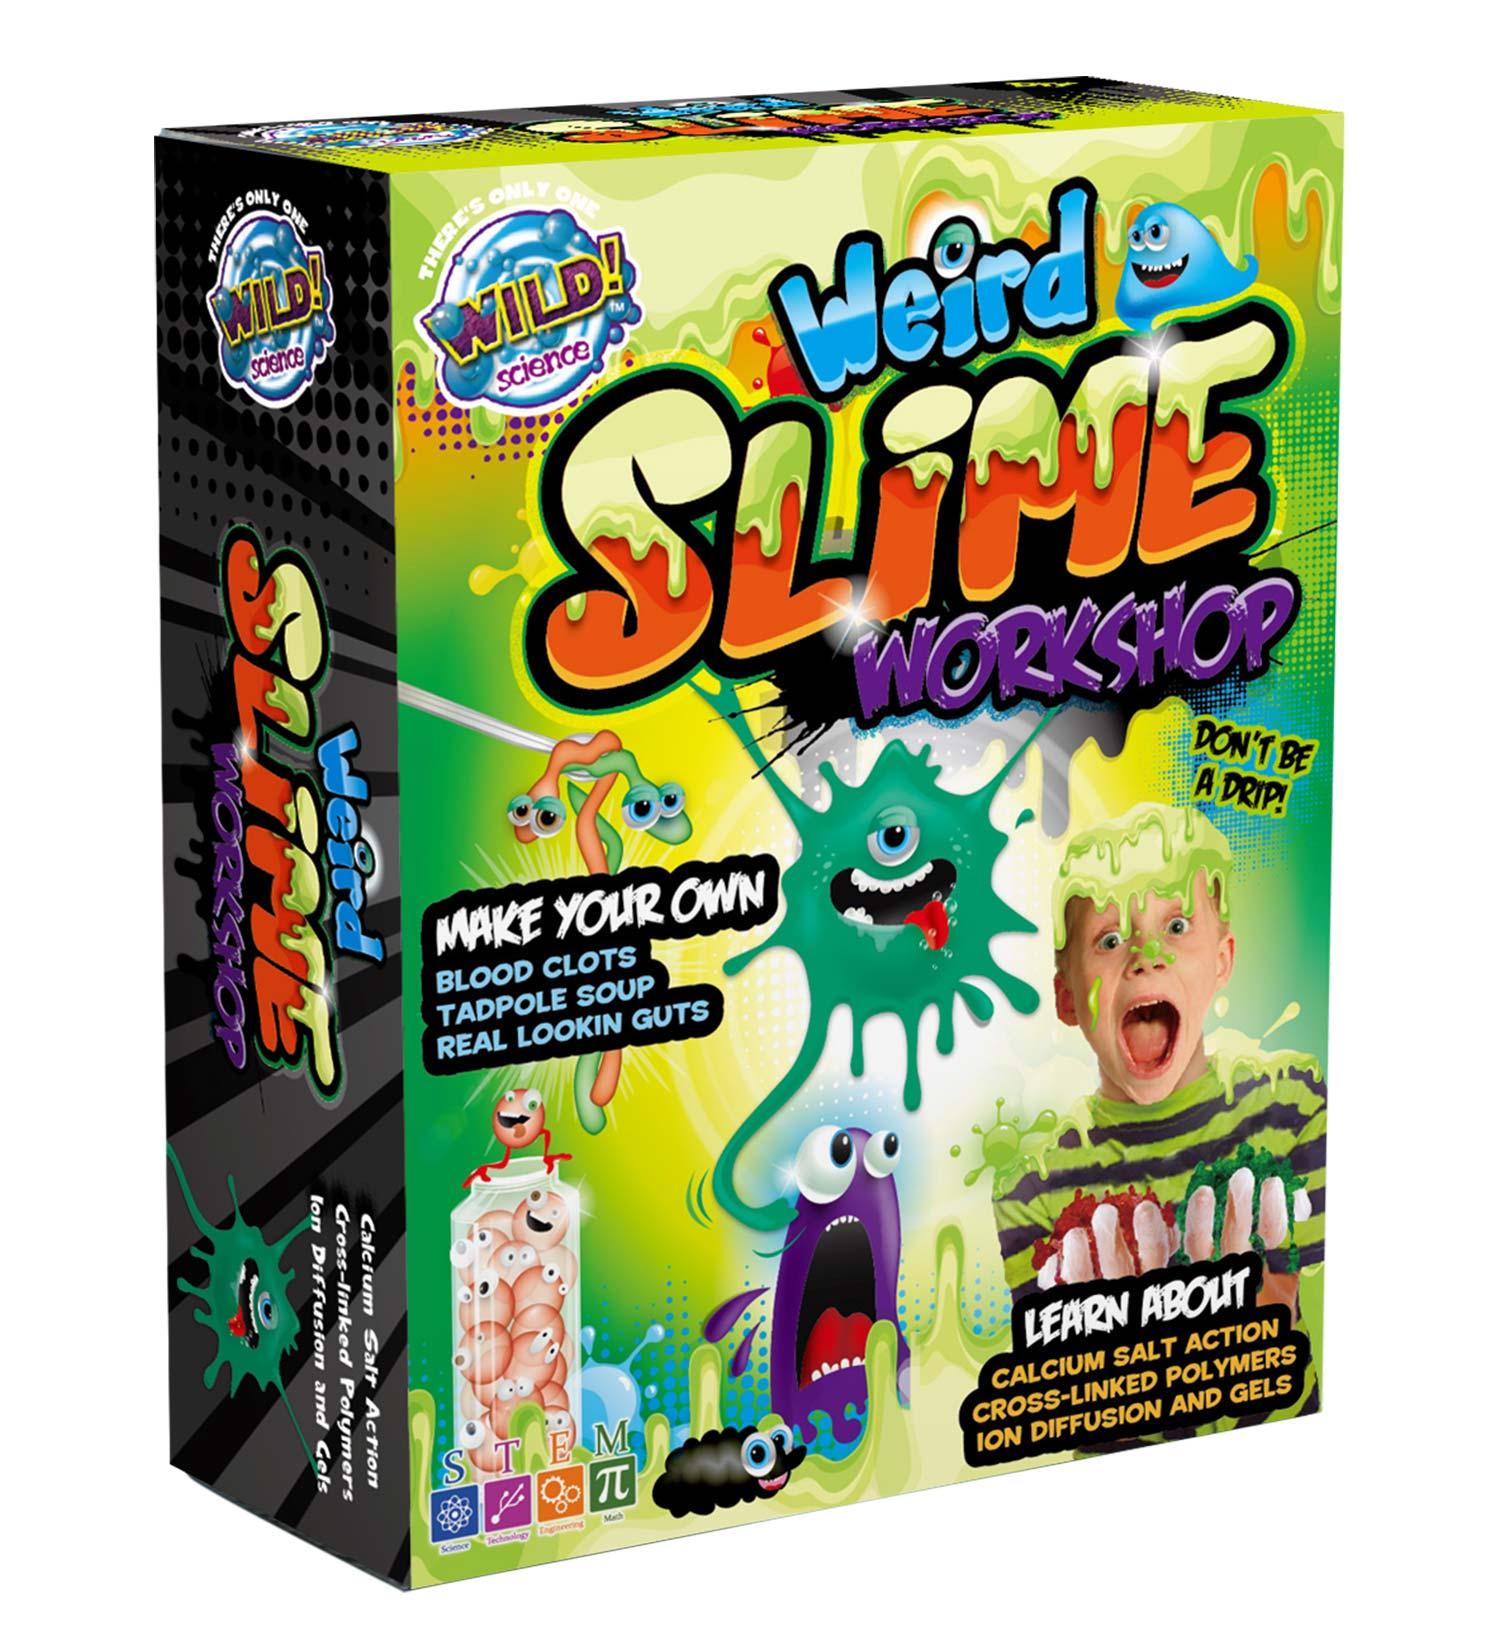 Weird Slime Workshop